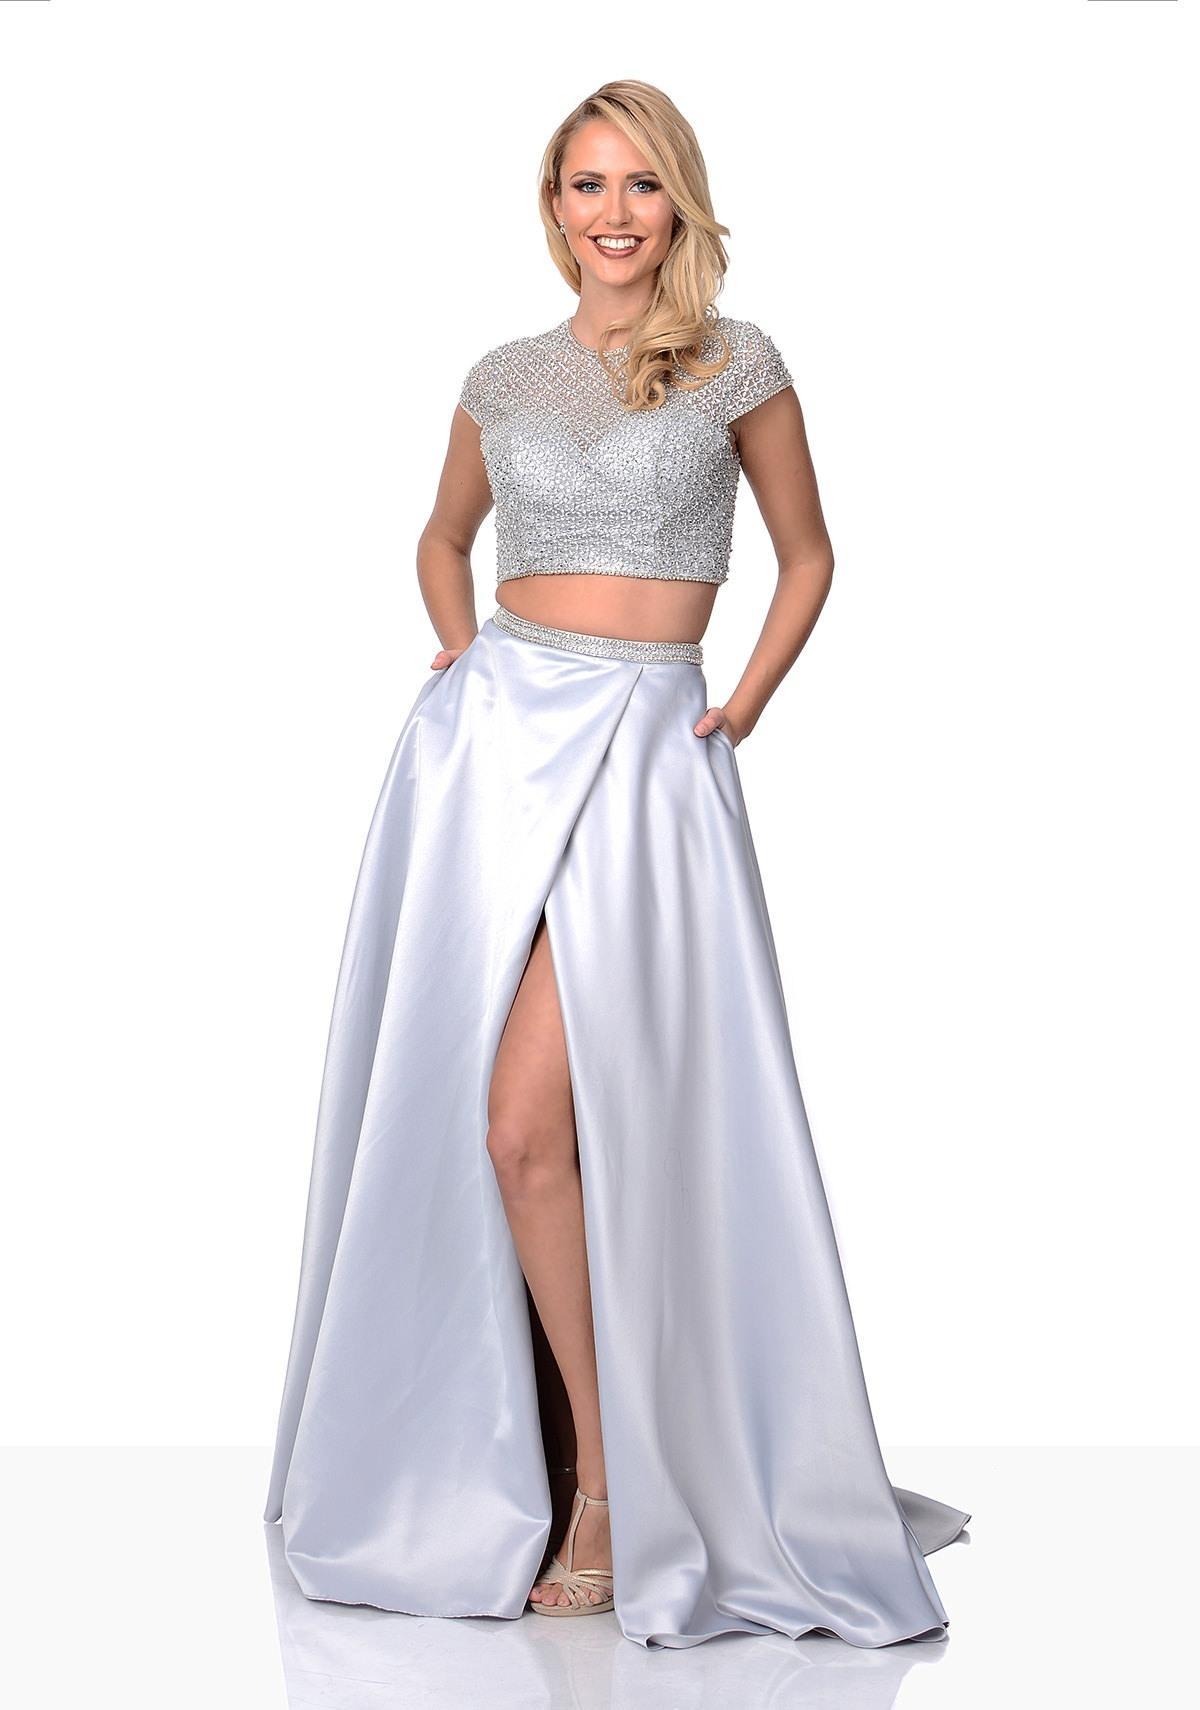 Designer Einzigartig Kleider Zweiteiliges Abendkleid Design15 Genial Kleider Zweiteiliges Abendkleid für 2019